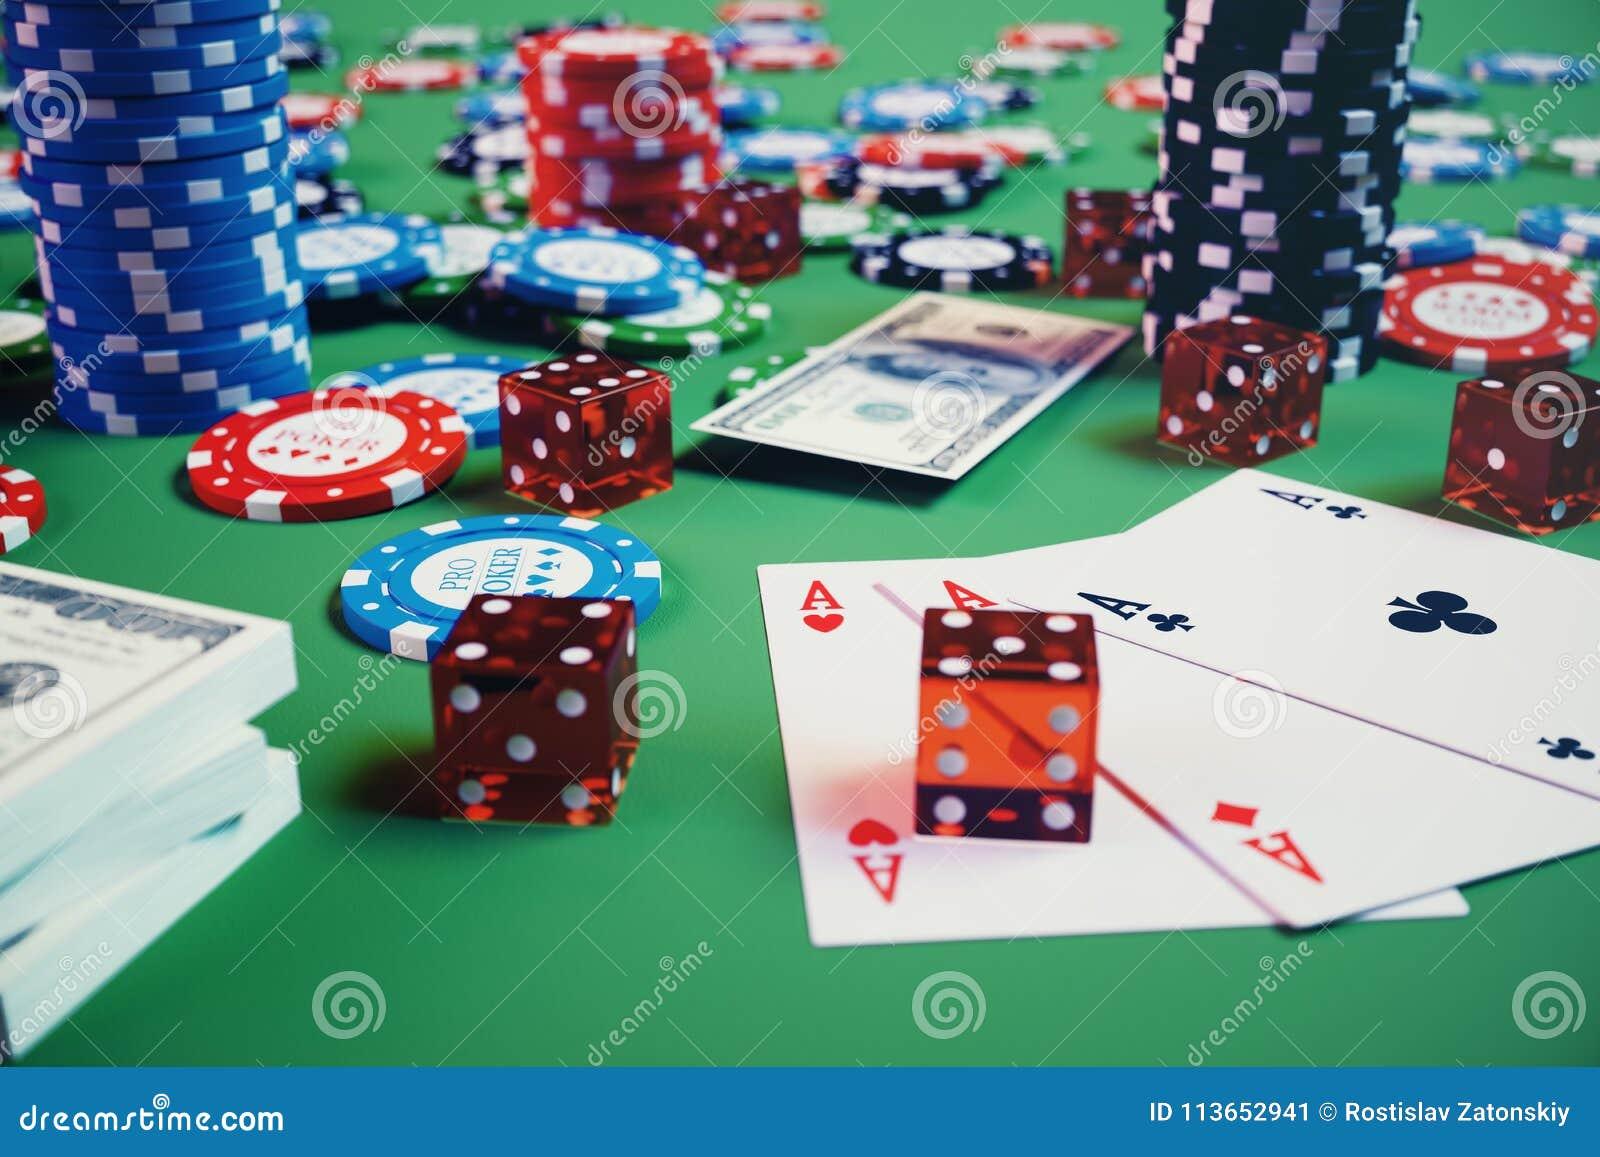 online casino bonus no deposit codes